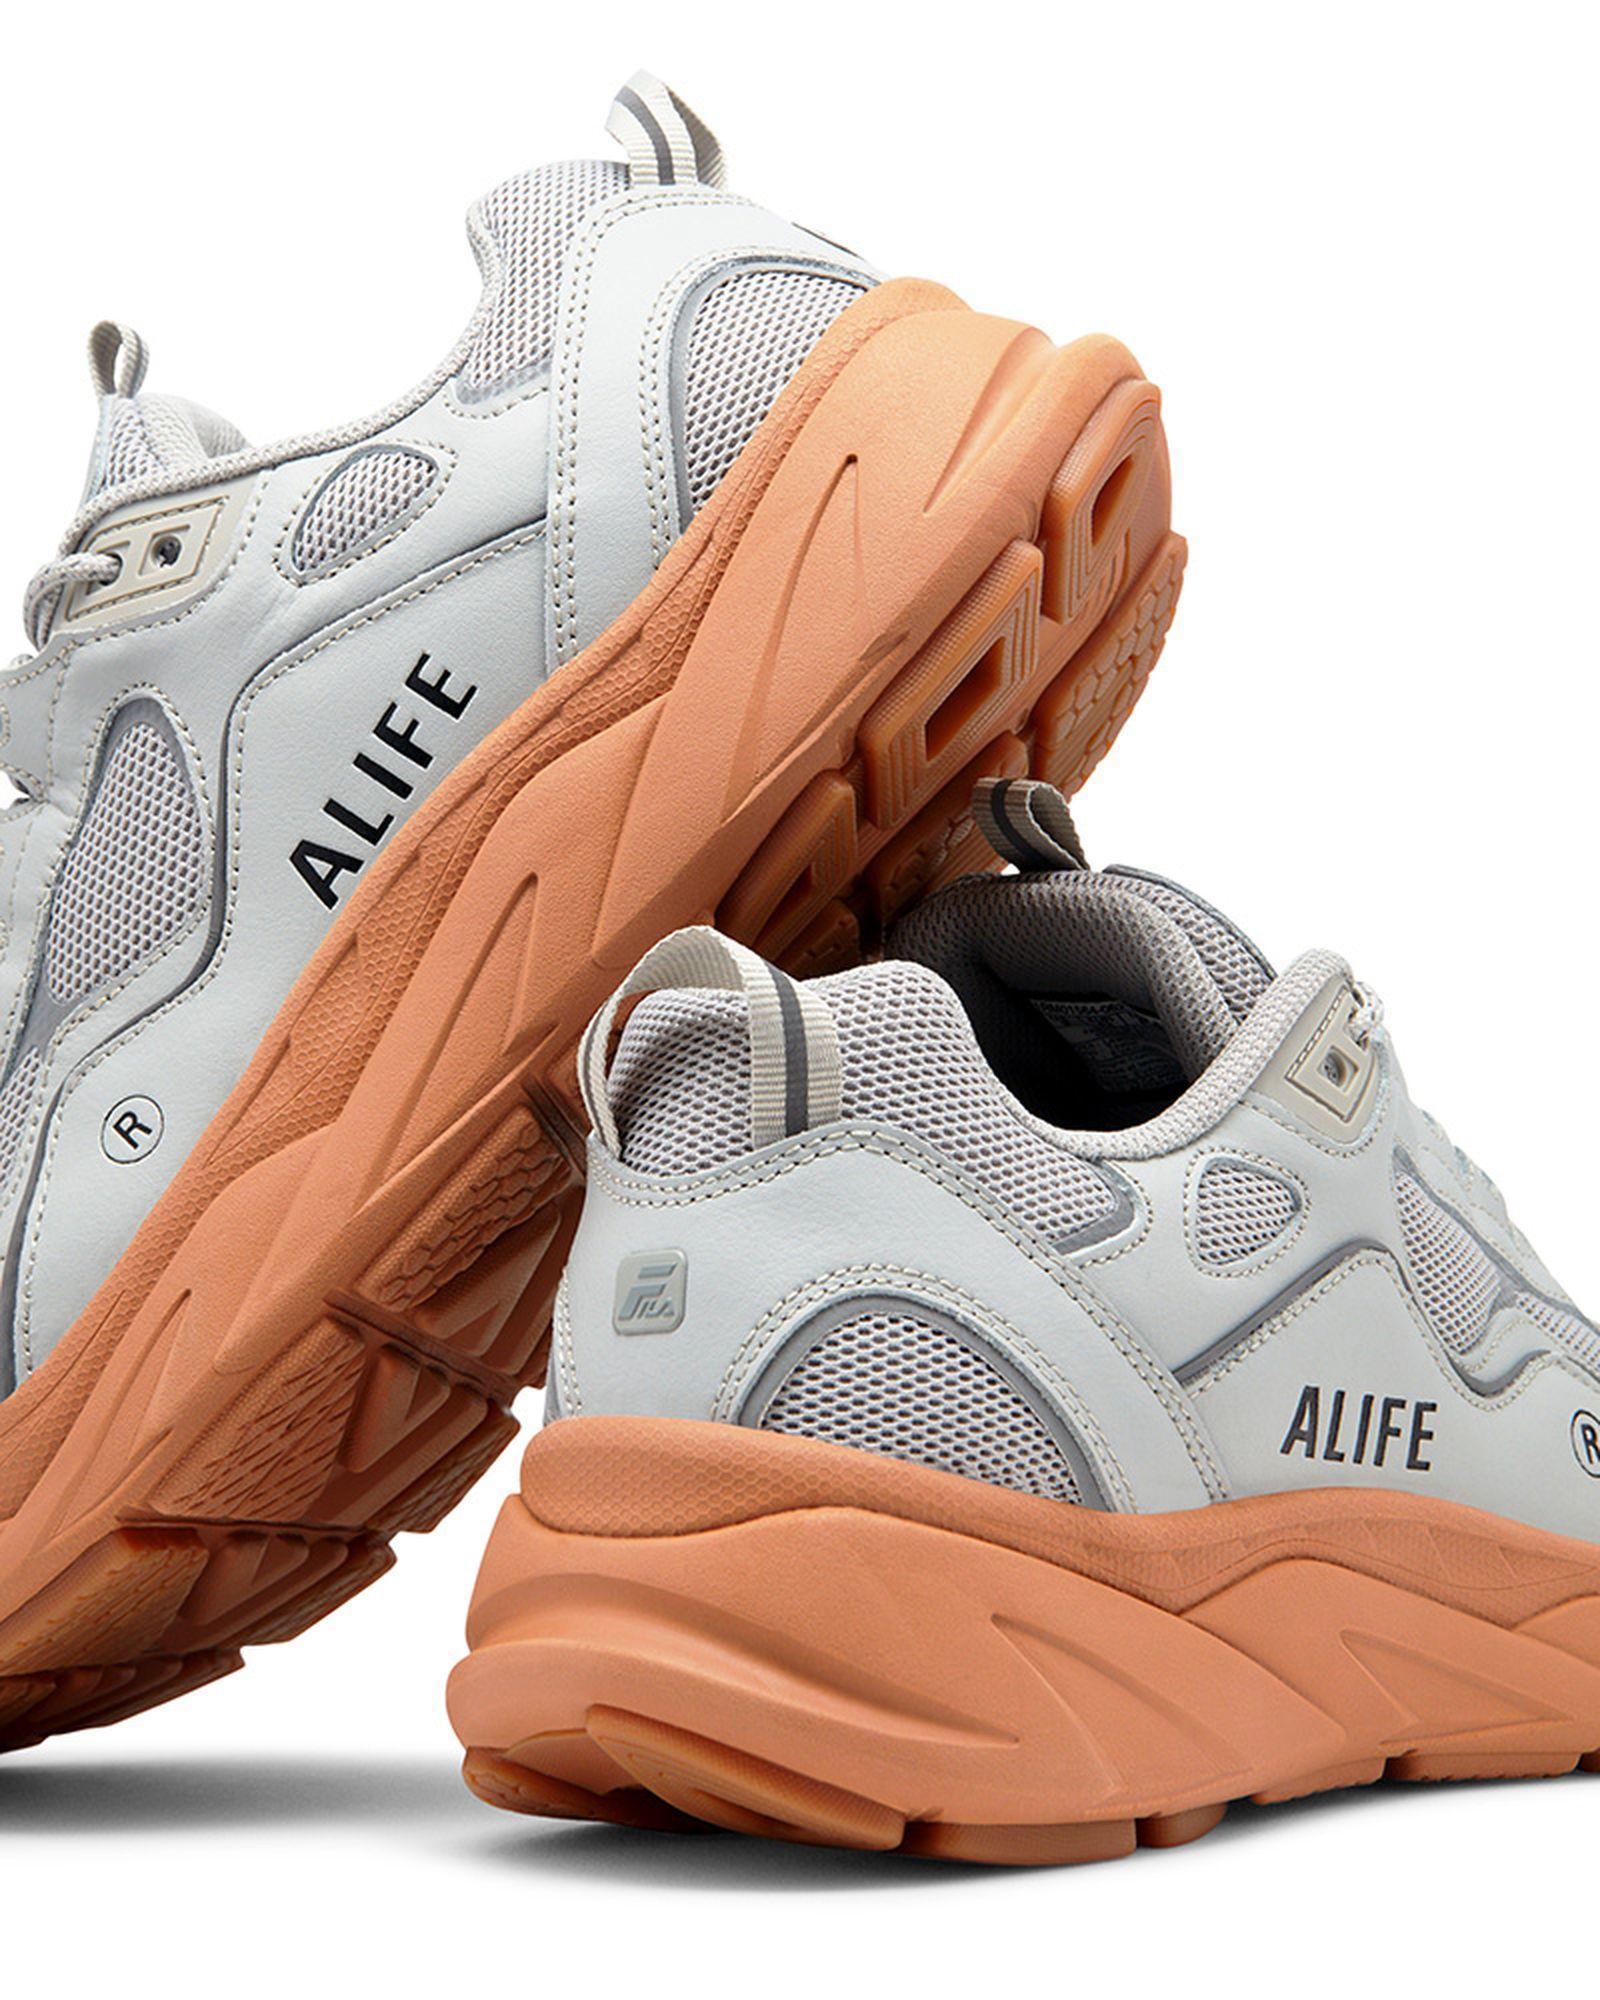 alife-x-fila-trigate-release-date-price-05